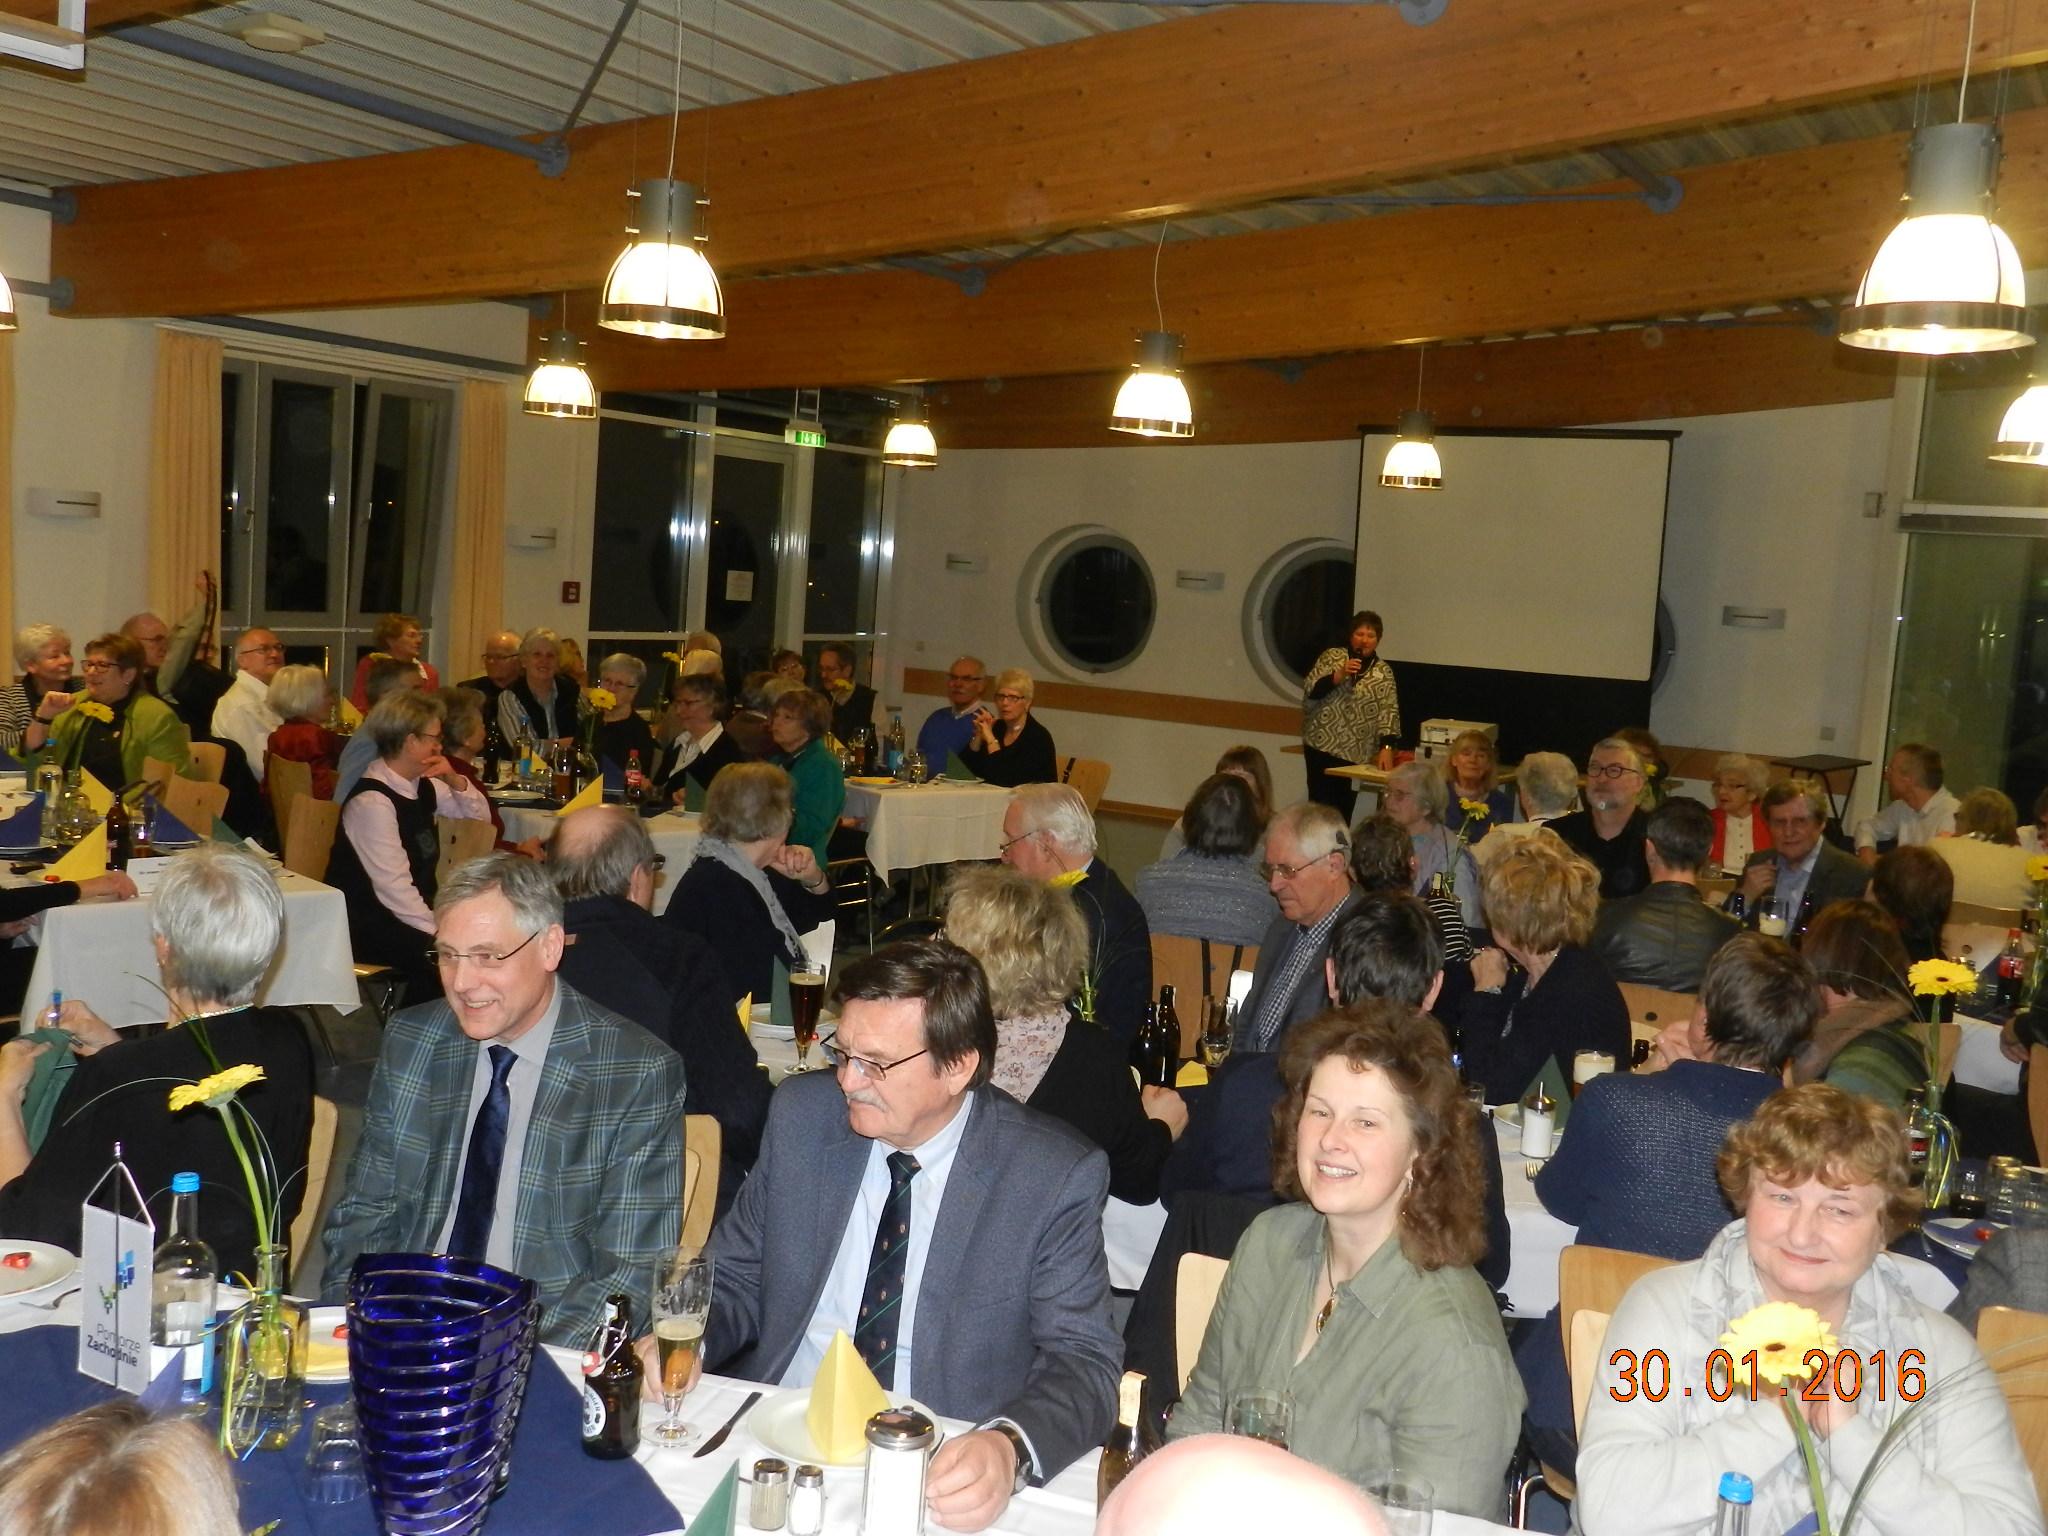 Uroczysta kolacja przyjaciół i członków DJH w Lubece